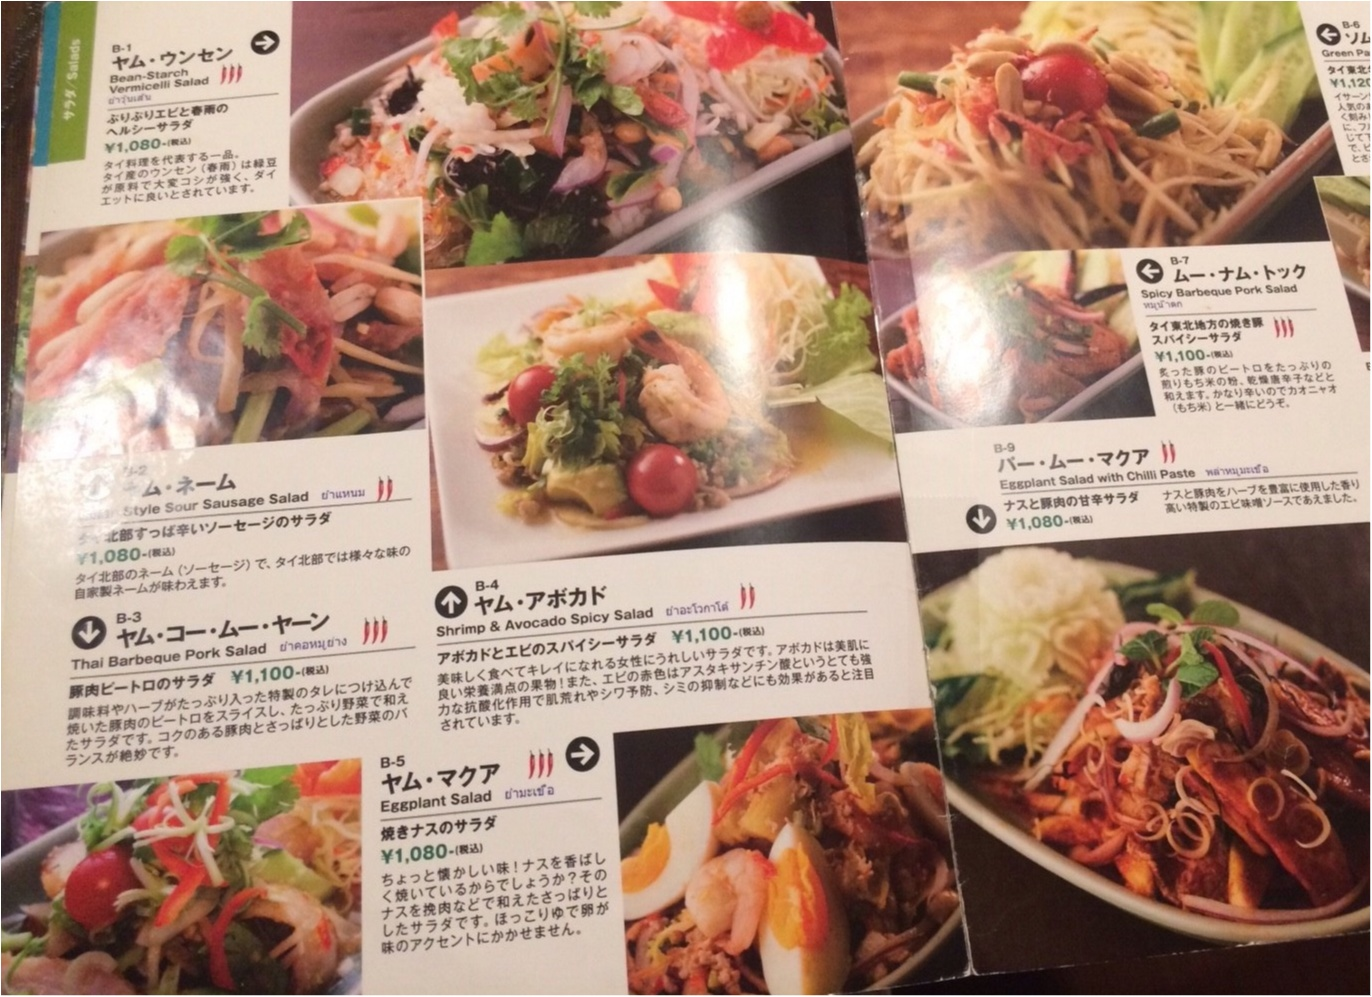 【自由が丘】タイ料理好きな方、必見\(//∇//)\ 本格的なタイ料理のお店★_9